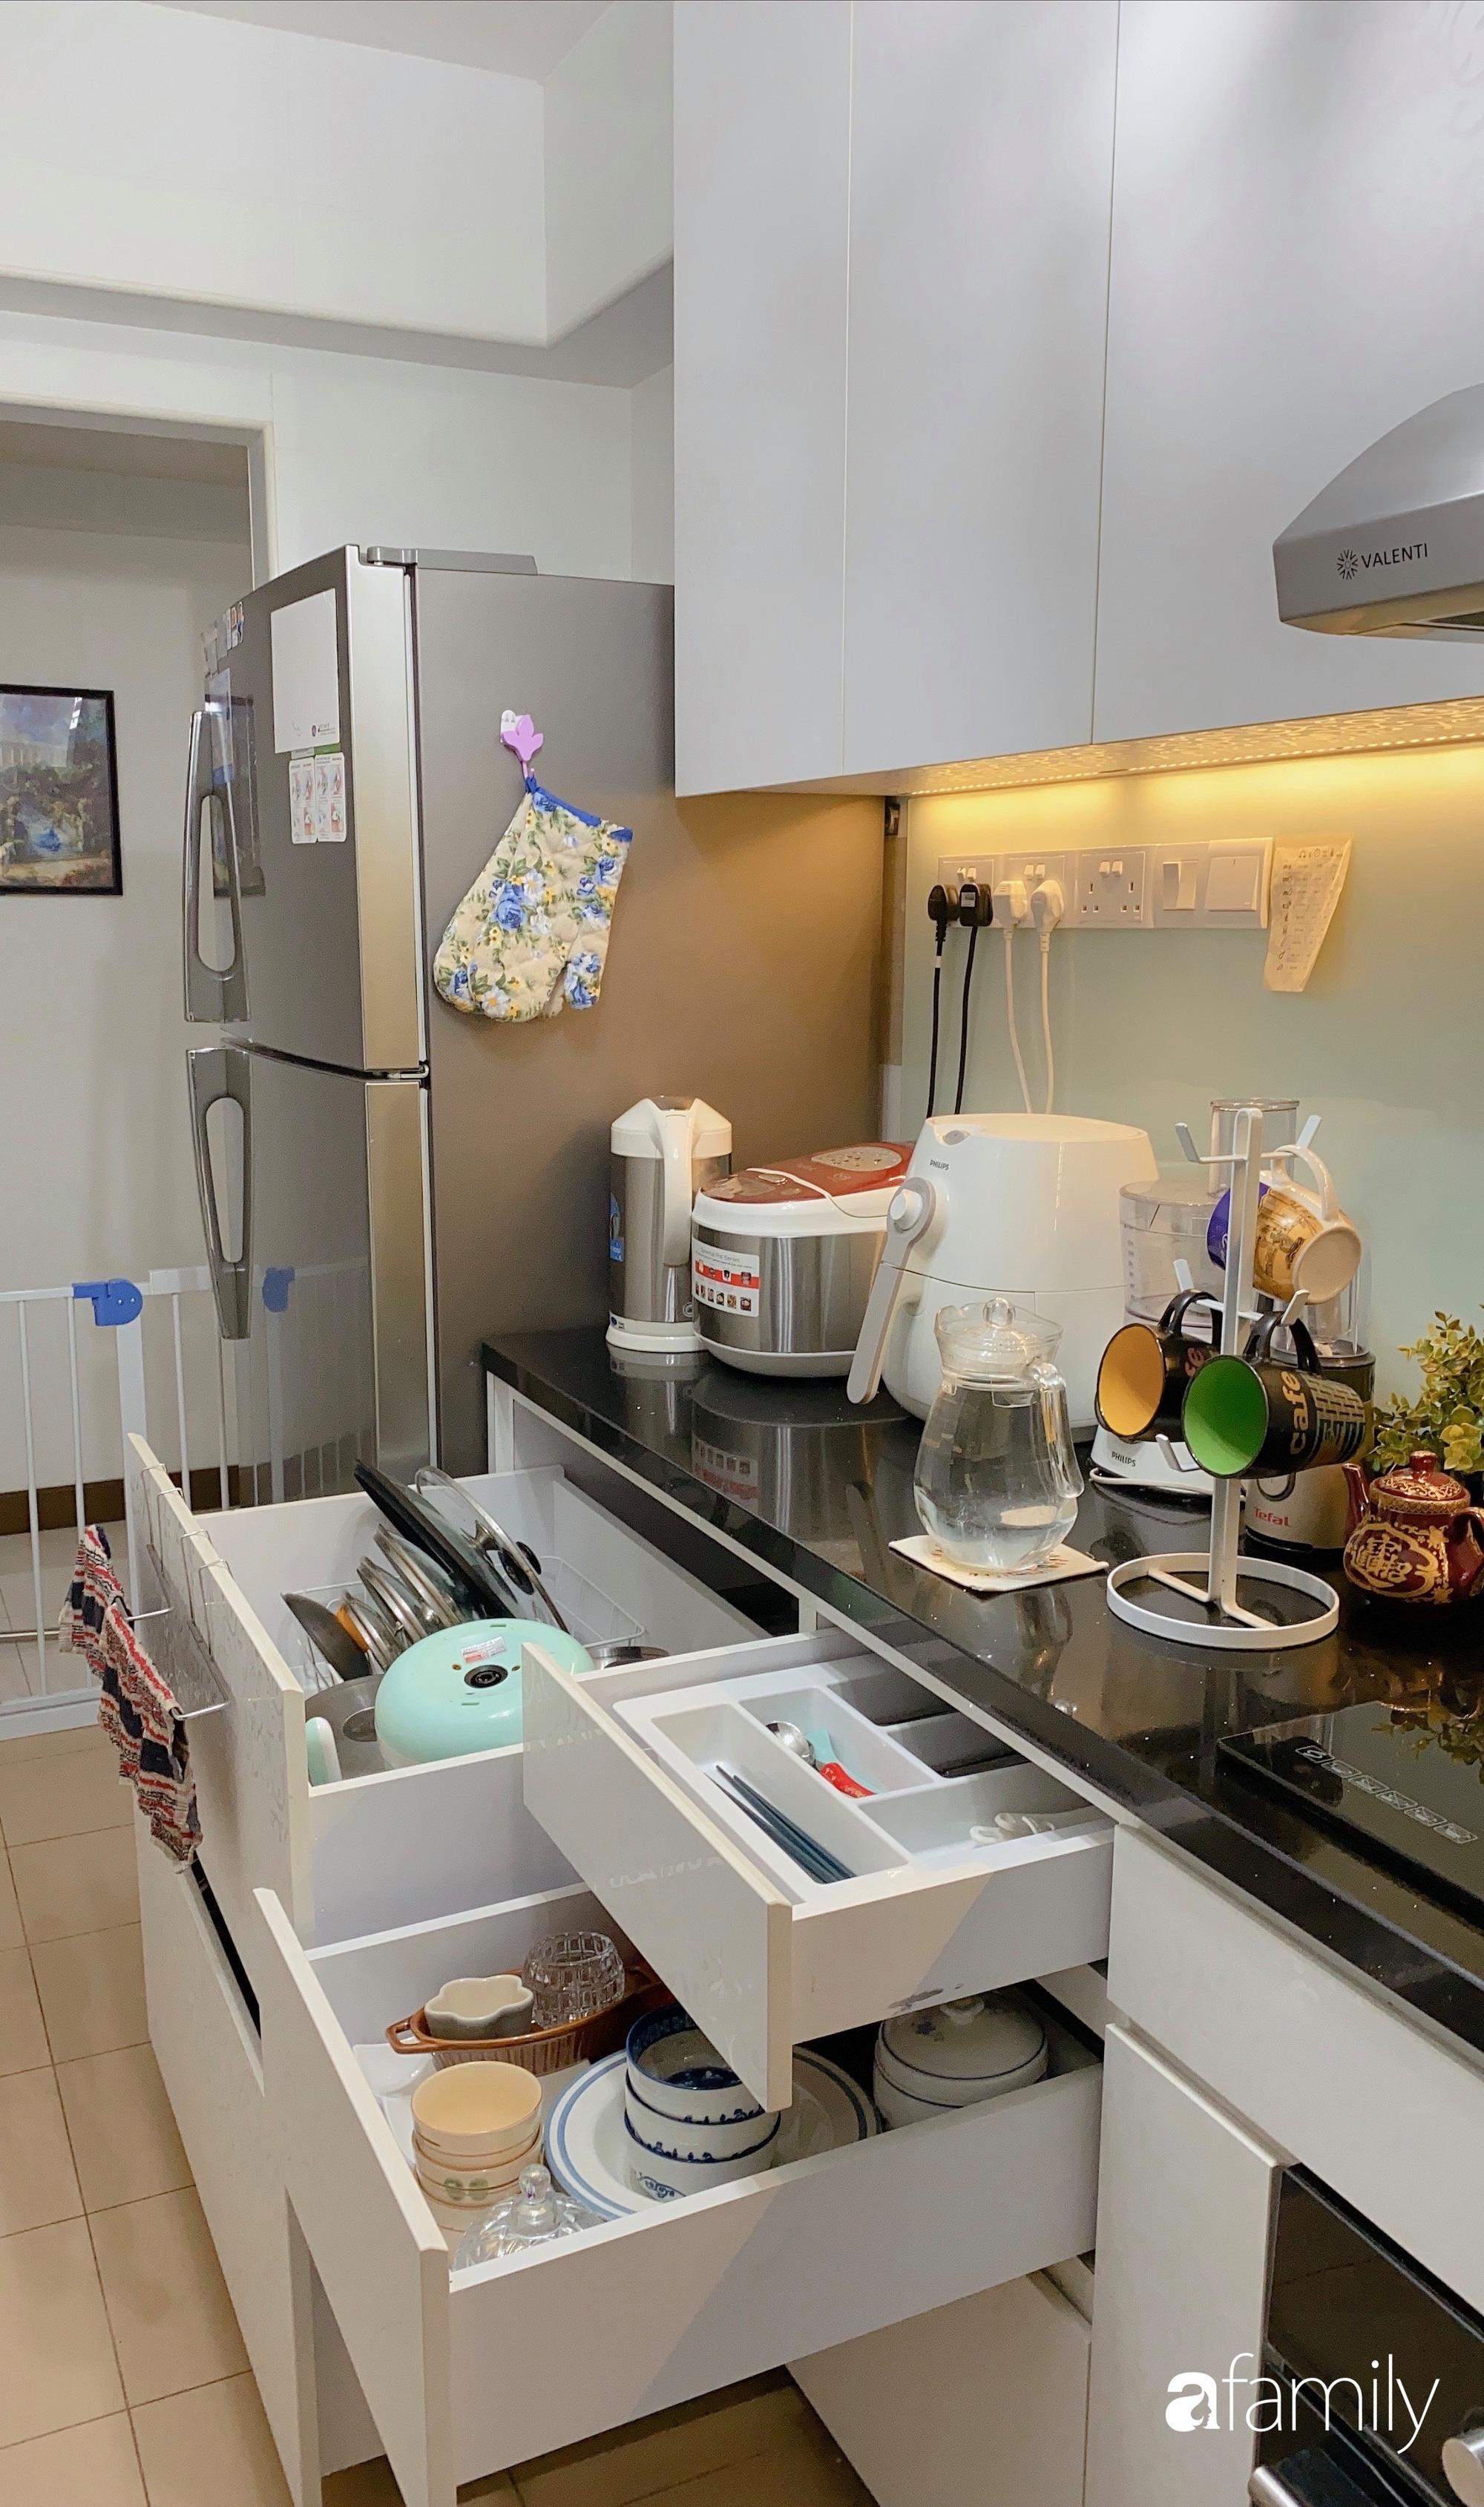 Căn hộ 92m2 góc nào cũng ấm cúng, sạch đẹp nhờ nguyên tắc bài trí gọn gàng của mẹ Việt ở Singapore - Ảnh 9.